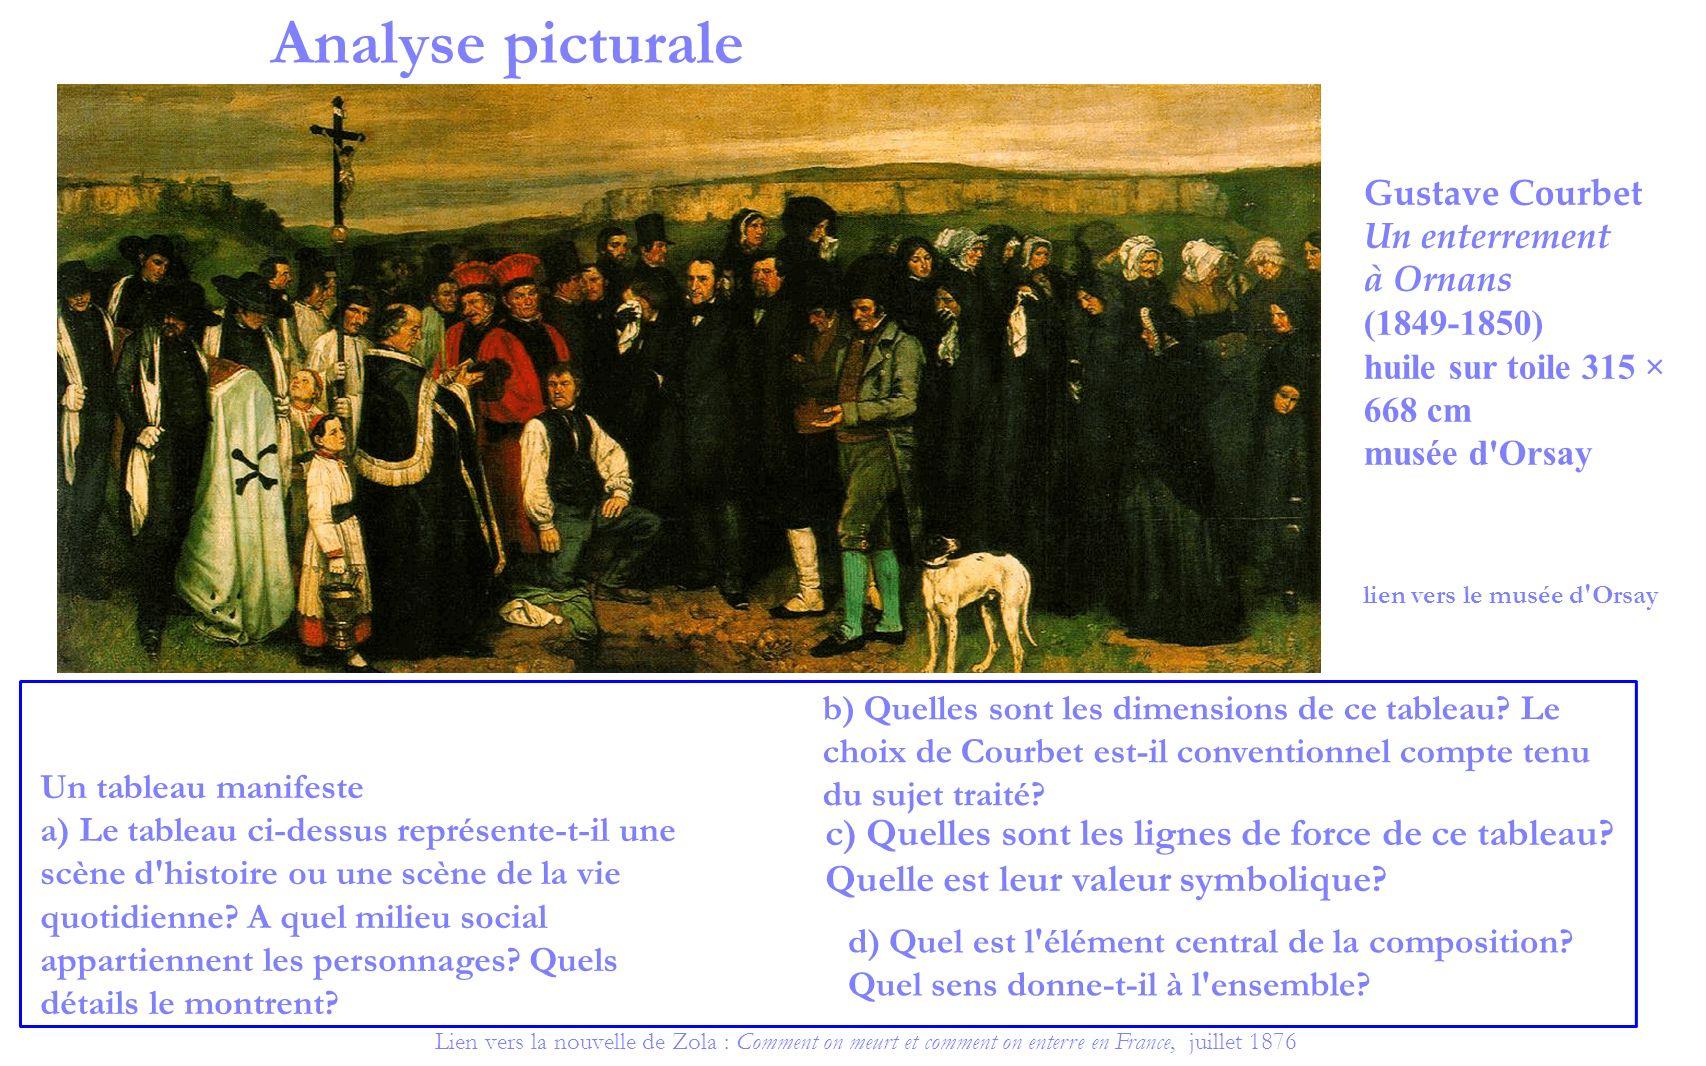 Un tableau manifeste a) Le tableau ci-dessus représente-t-il une scène d'histoire ou une scène de la vie quotidienne? A quel milieu social appartienne